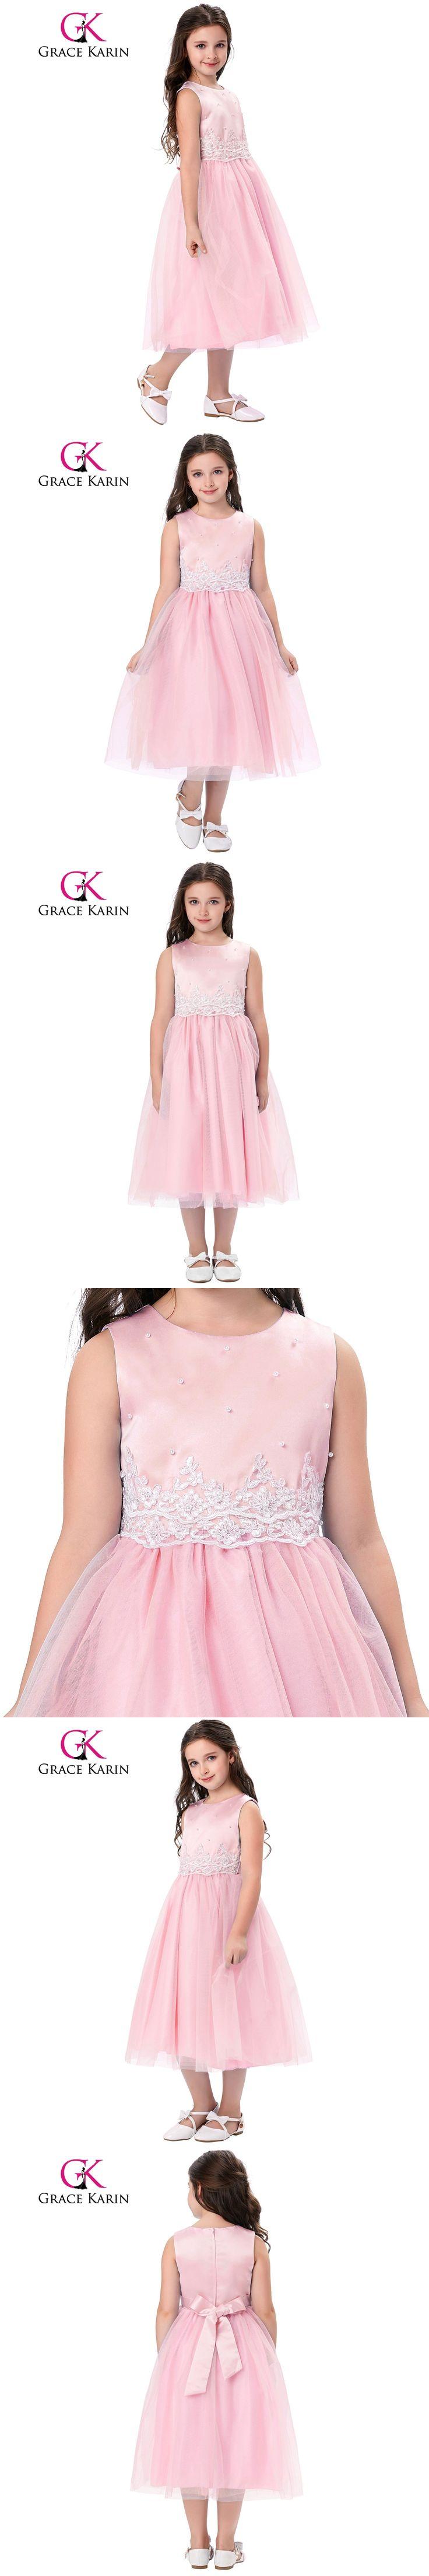 Grace Karin 2017 Tank Pageant Dresses For Little Girls Ivory Pink Sleeveless Crinoline Flower Girl Dress For First Communion